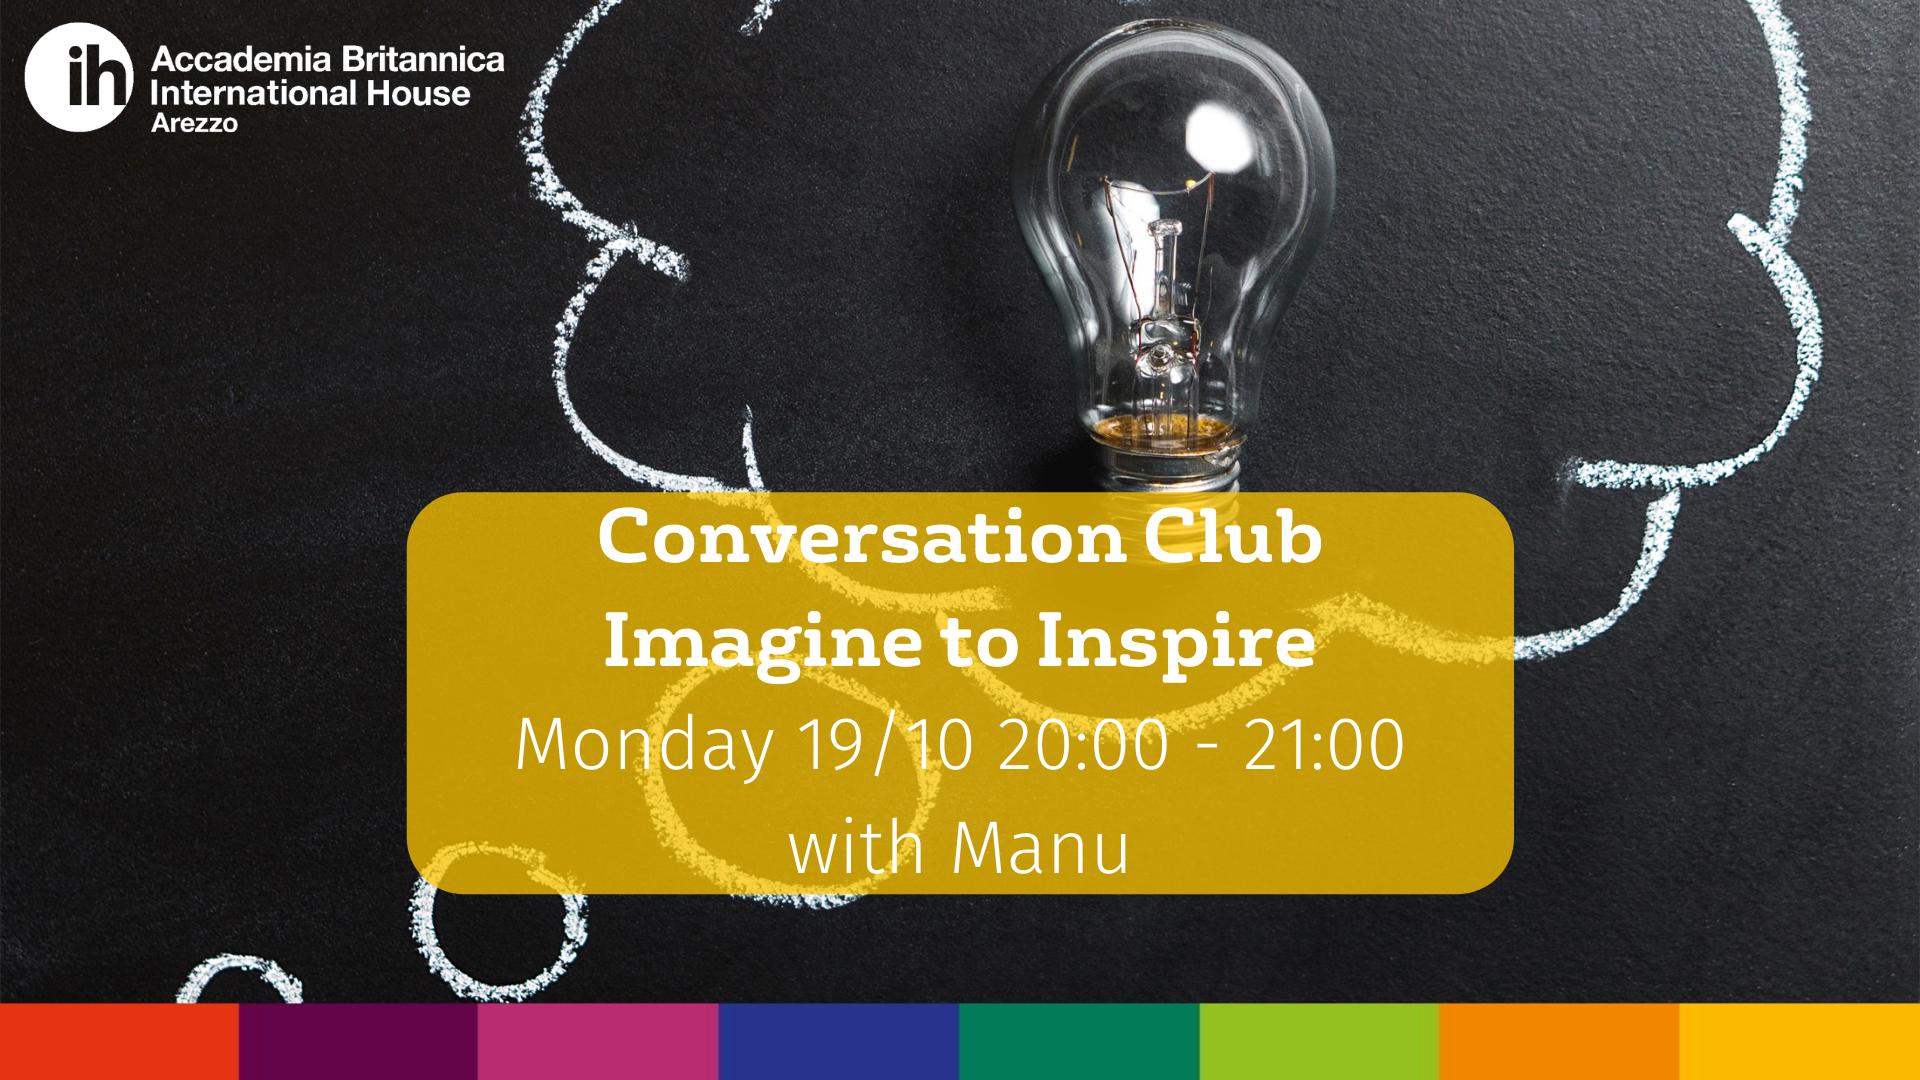 Conversation Club 19.10.20 | Accademia Britannica IH Arezzo